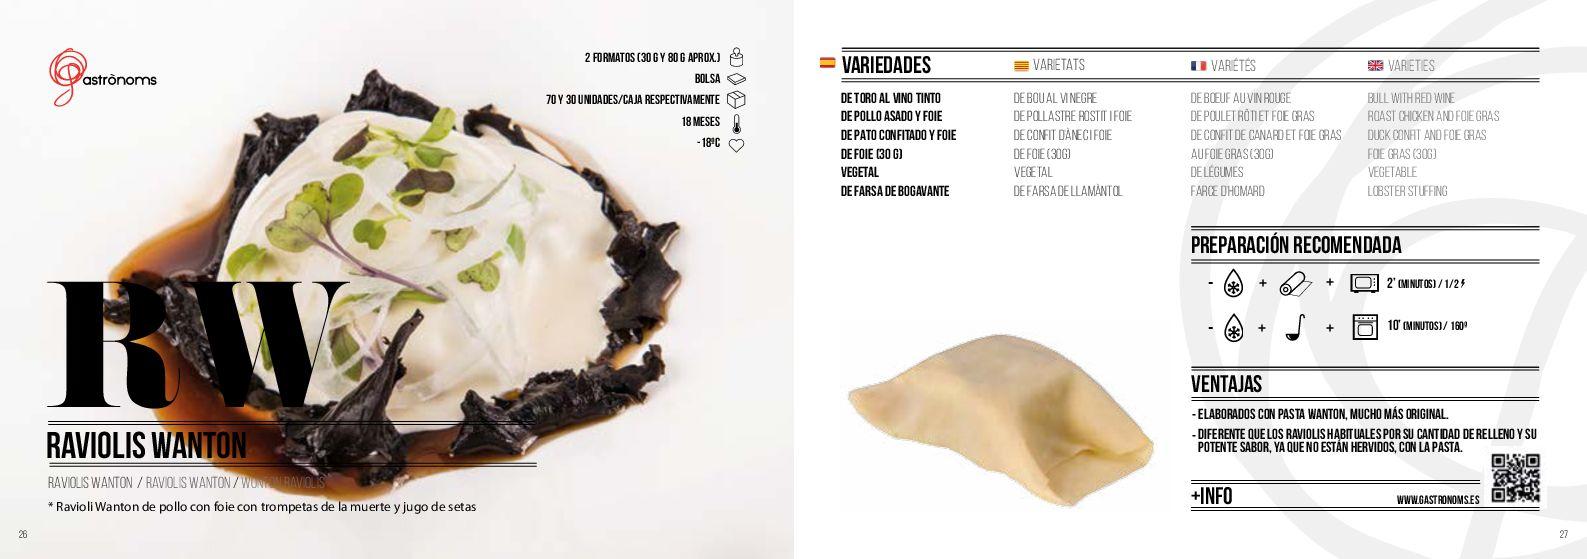 gastronoms - Pàg. 014